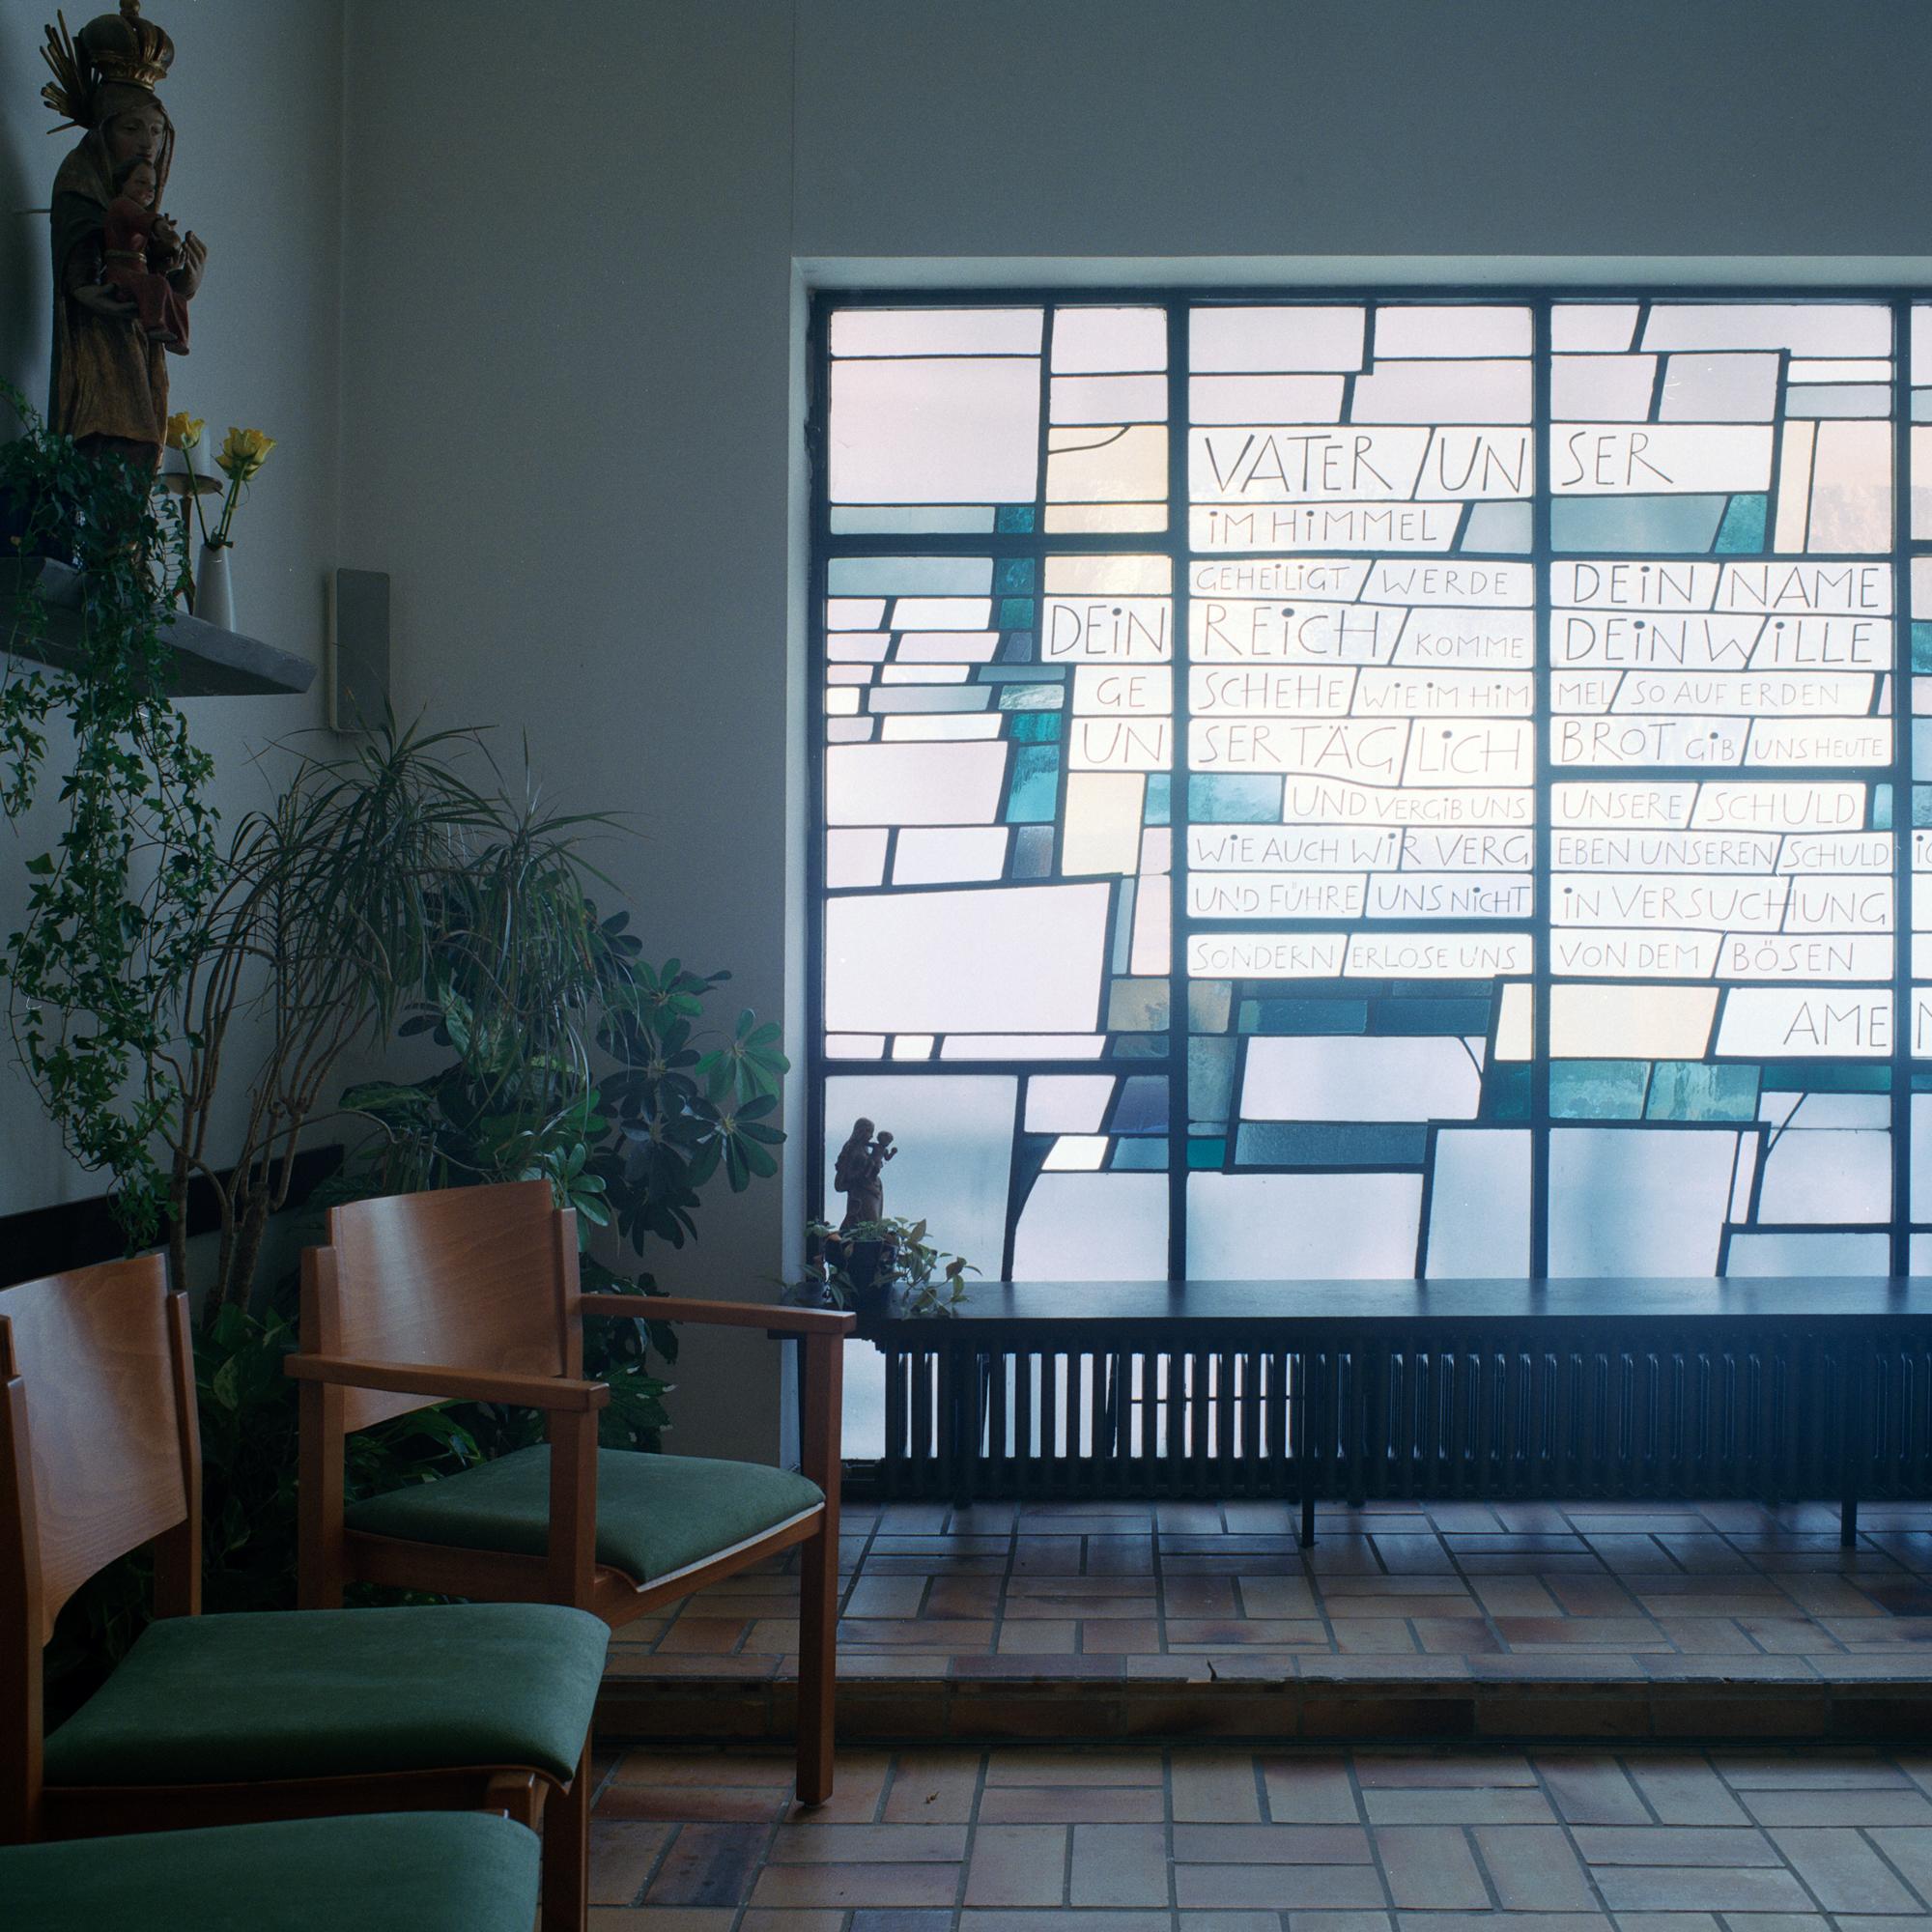 Georg Brauchle Haus, Muenchen. Kapelle im Georg Brauchle Haus in der Staudingerstrasse 58 in Munchen am 18. Januar 2011. Fotograf: Evi Lemberger